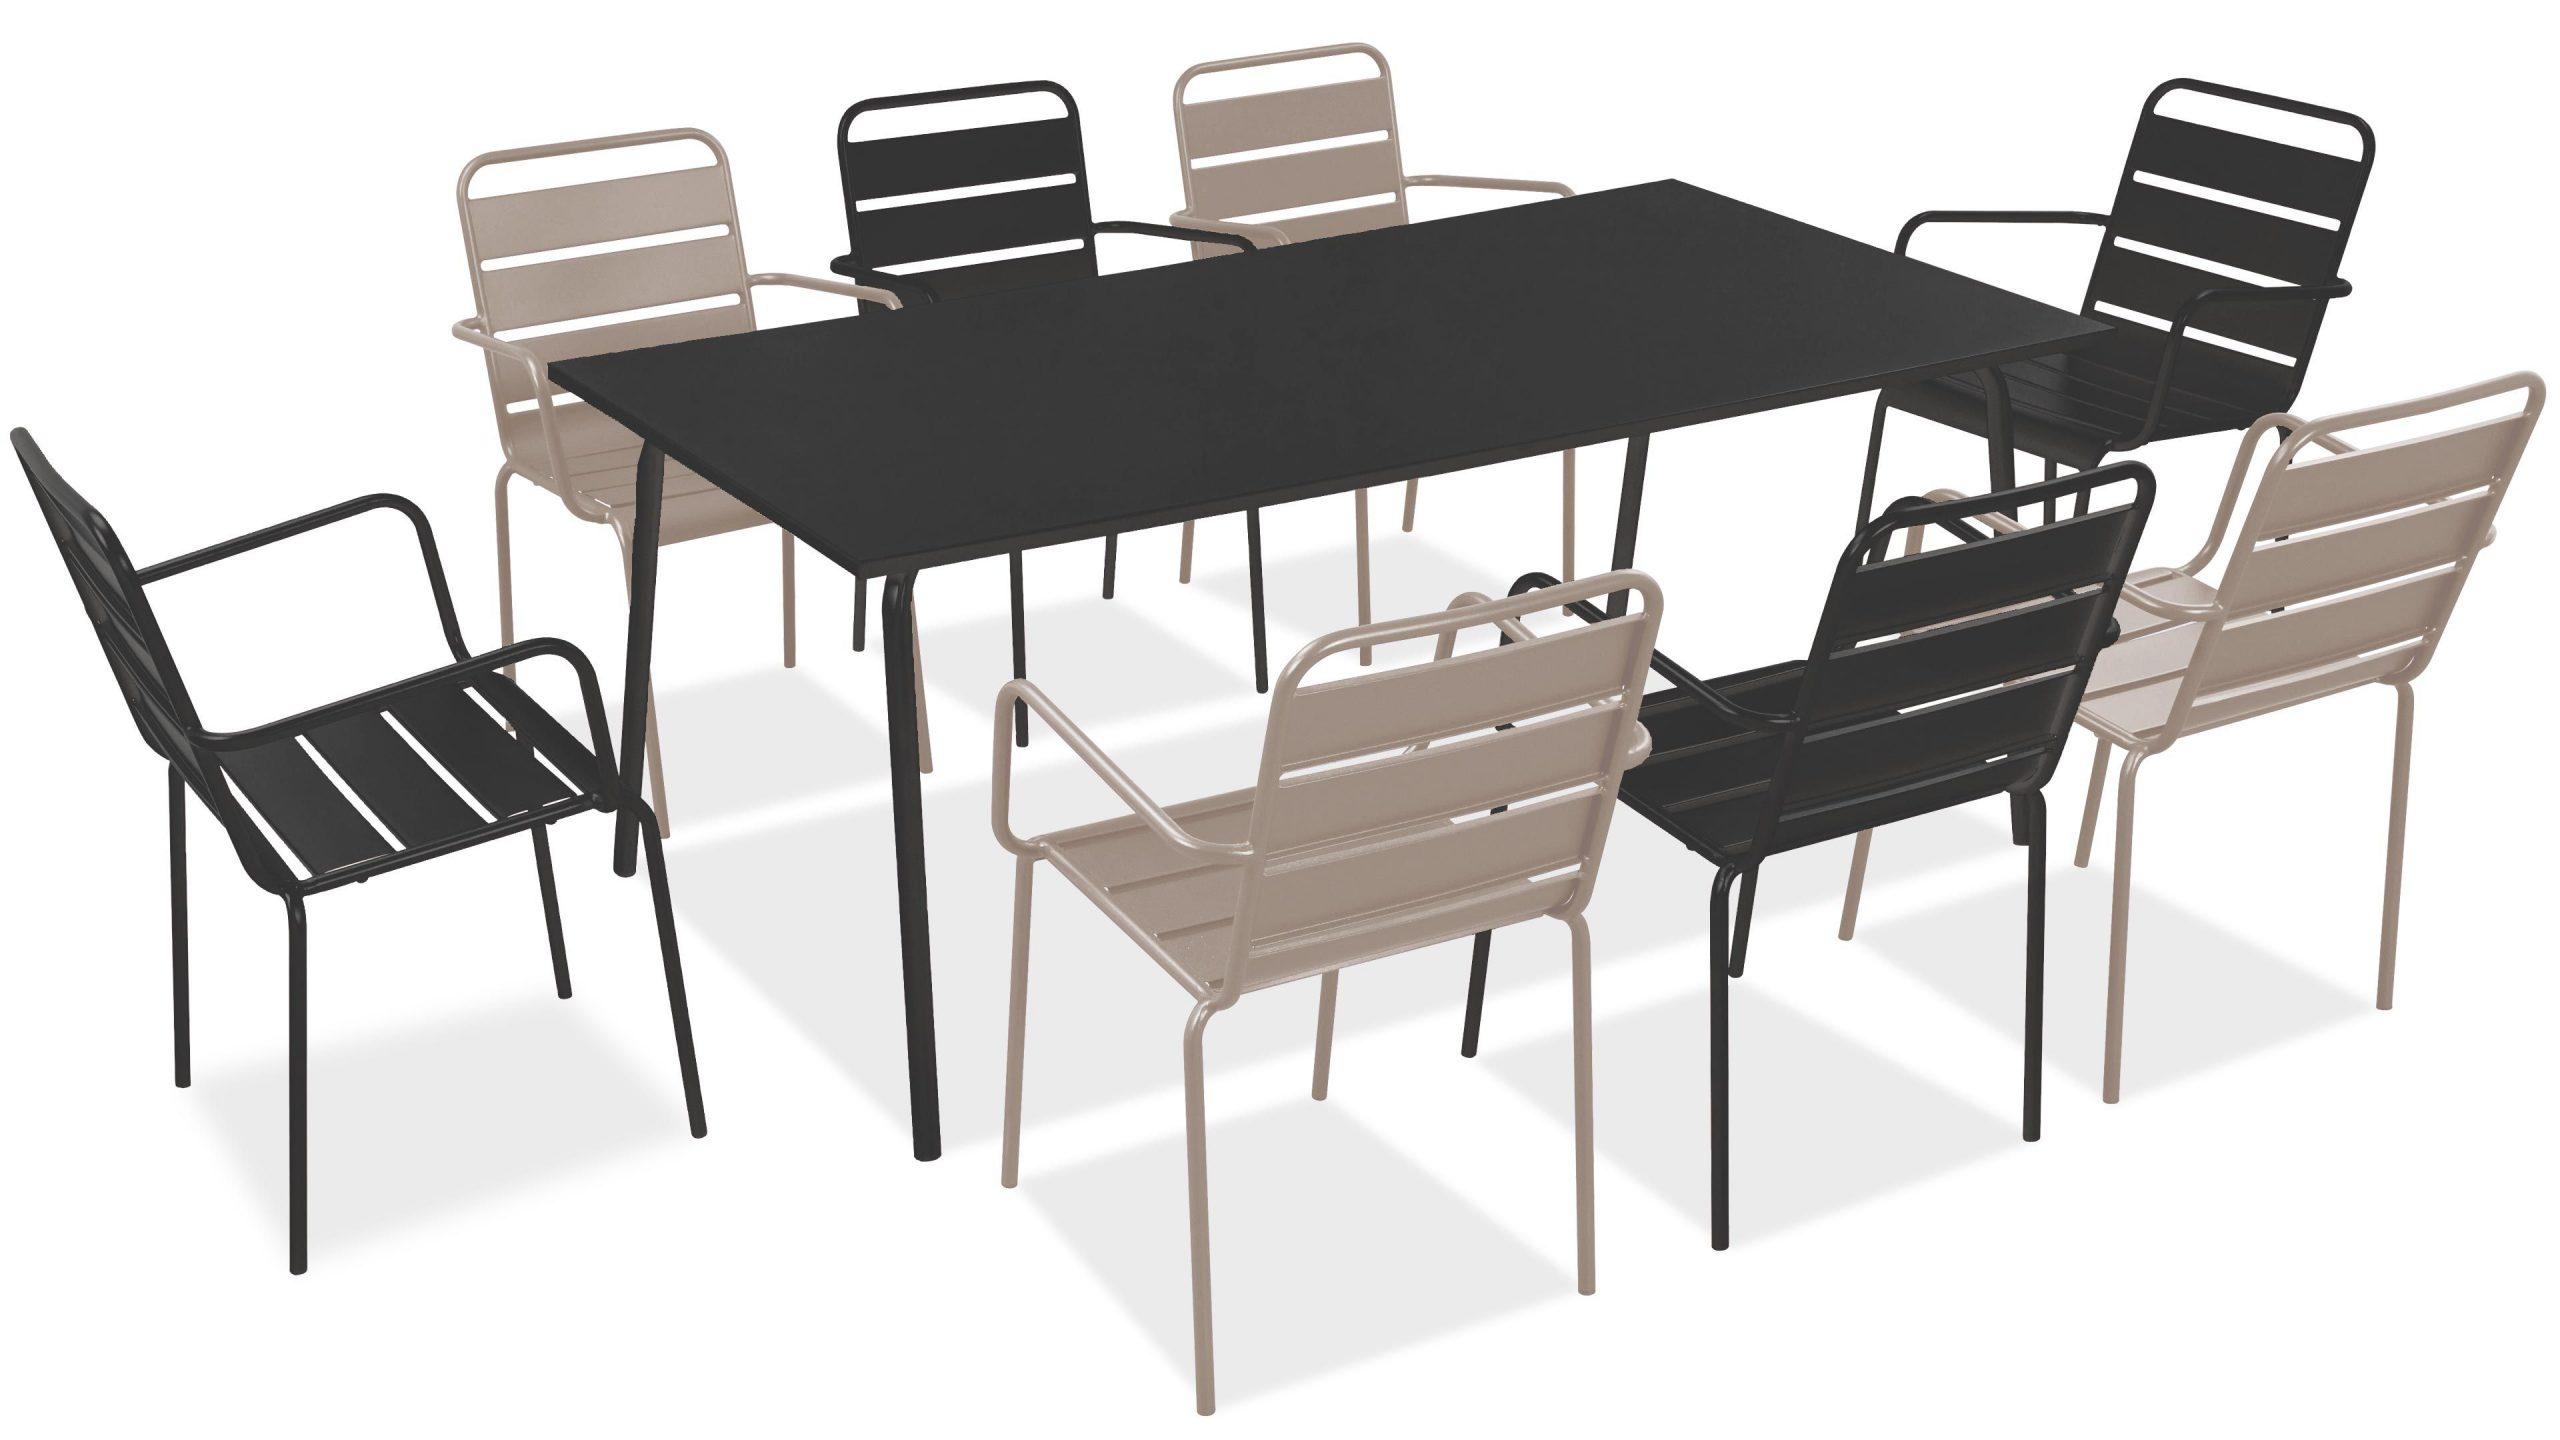 Salon De Jardin Metal Table Et Fauteuils pour Mobiler De Jardin